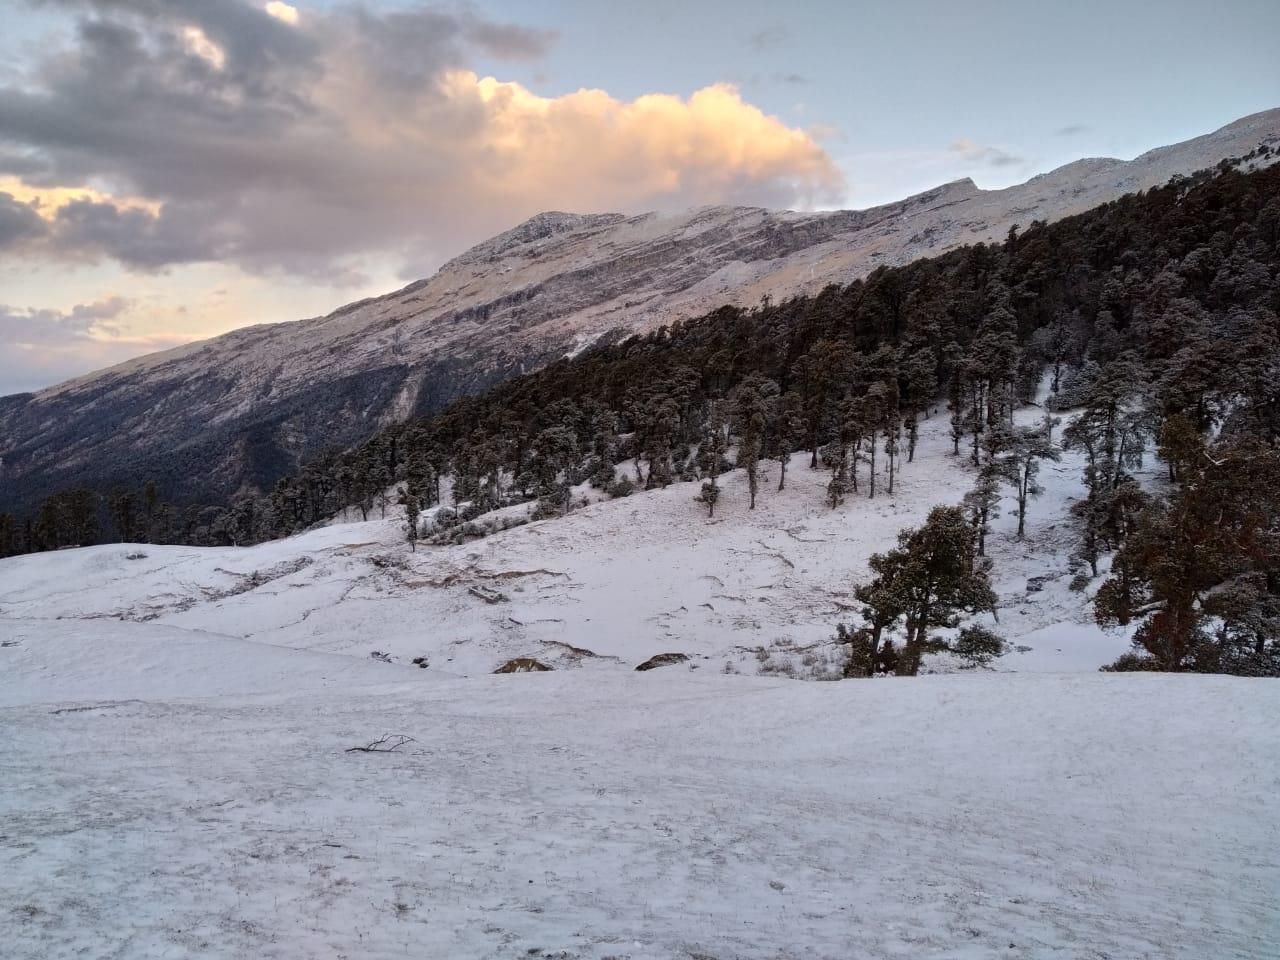 brahmatal trek route in winters